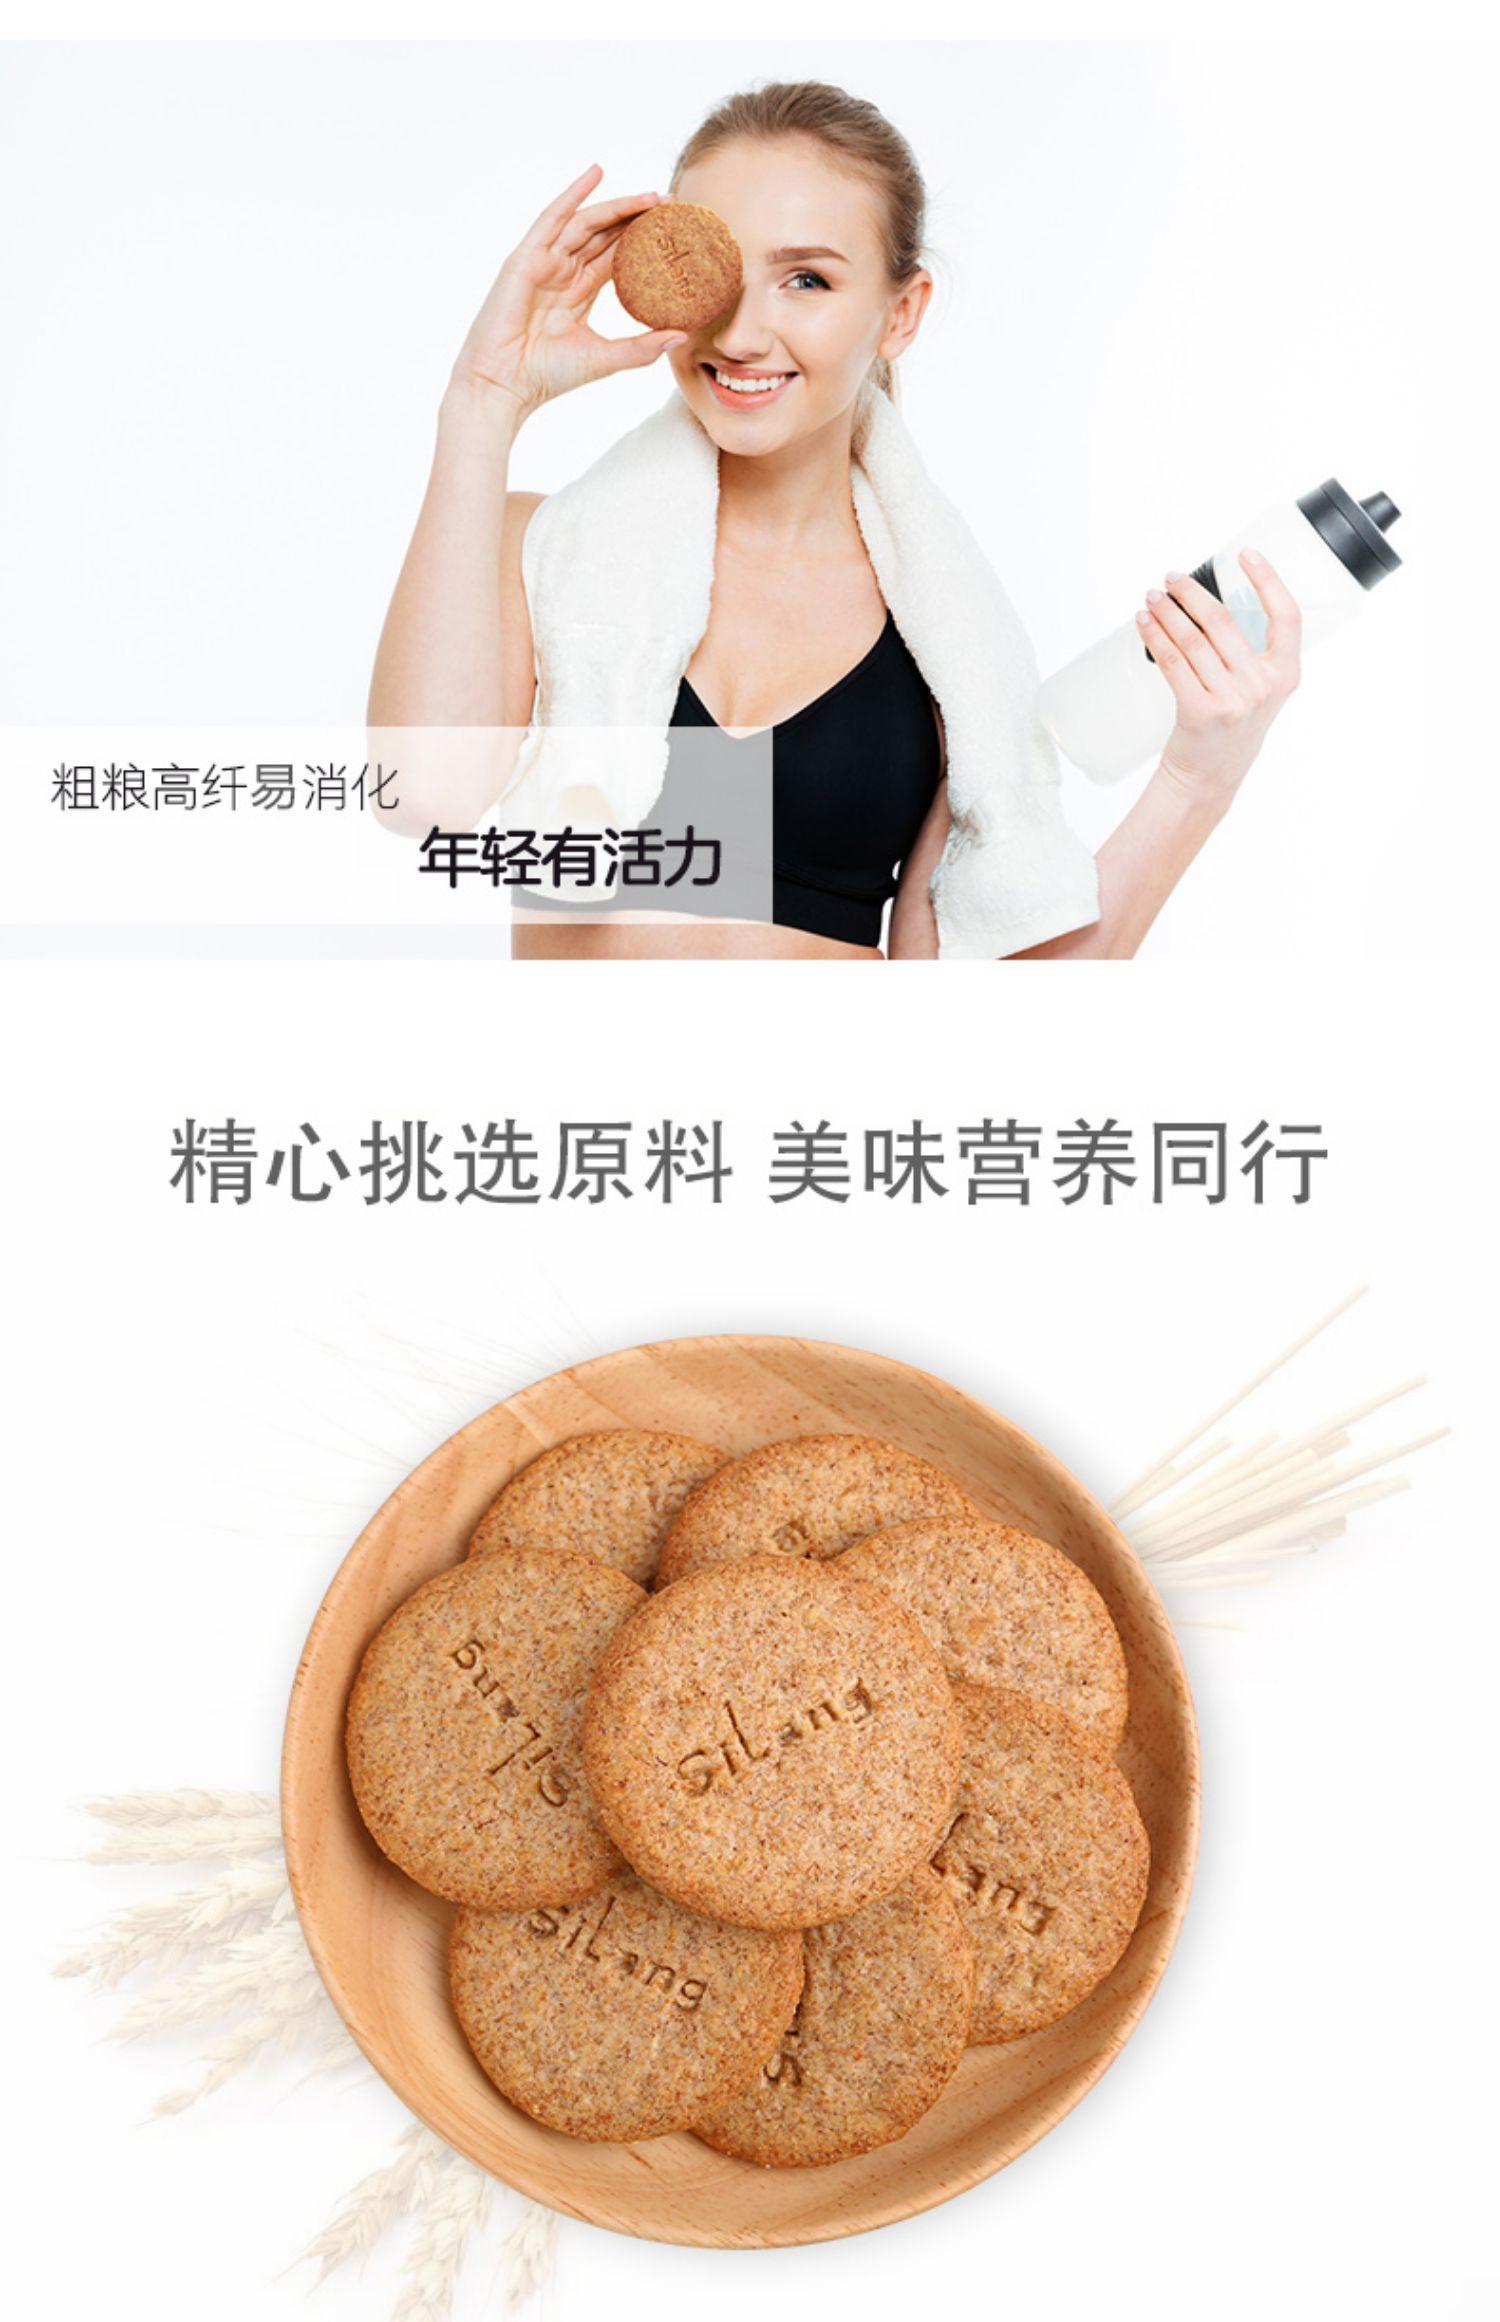 思朗纤麸无糖代餐粗粮饼干整箱8